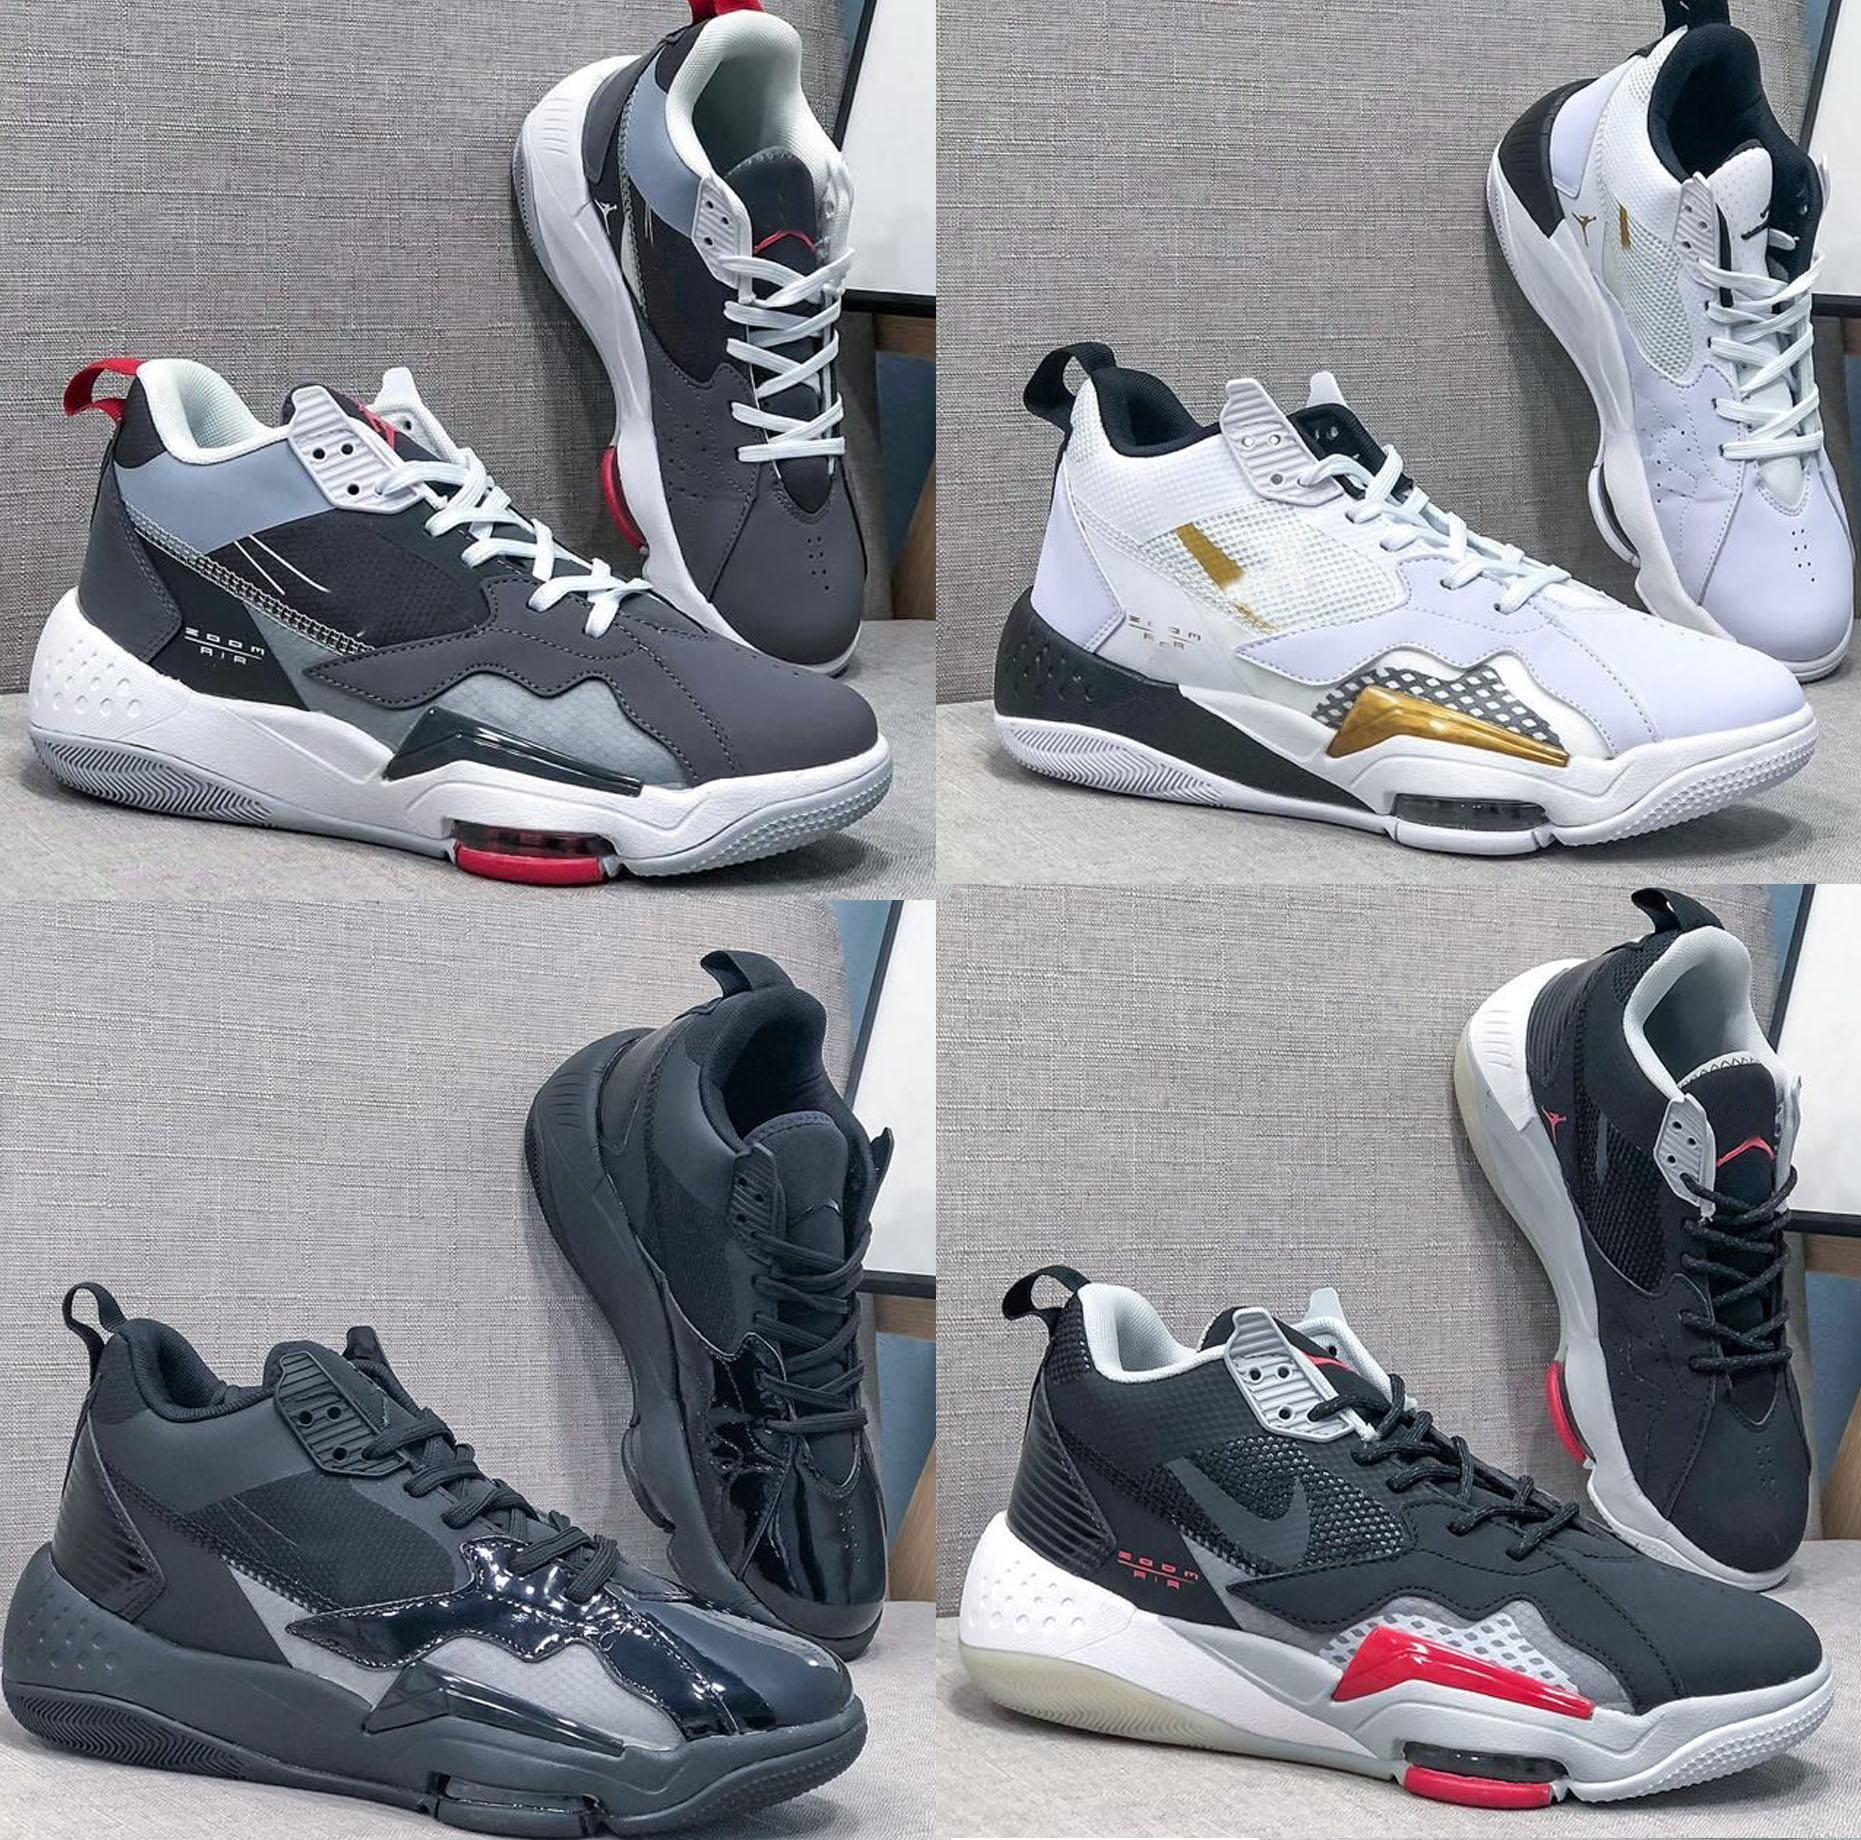 40-46 Hombre de la más alta calidad Jumpman Courtside 2Leather Designer Sneakers Hombres Mujeres Chaussures Deportes Correr Zapatillas de baloncesto Plataforma Renegade